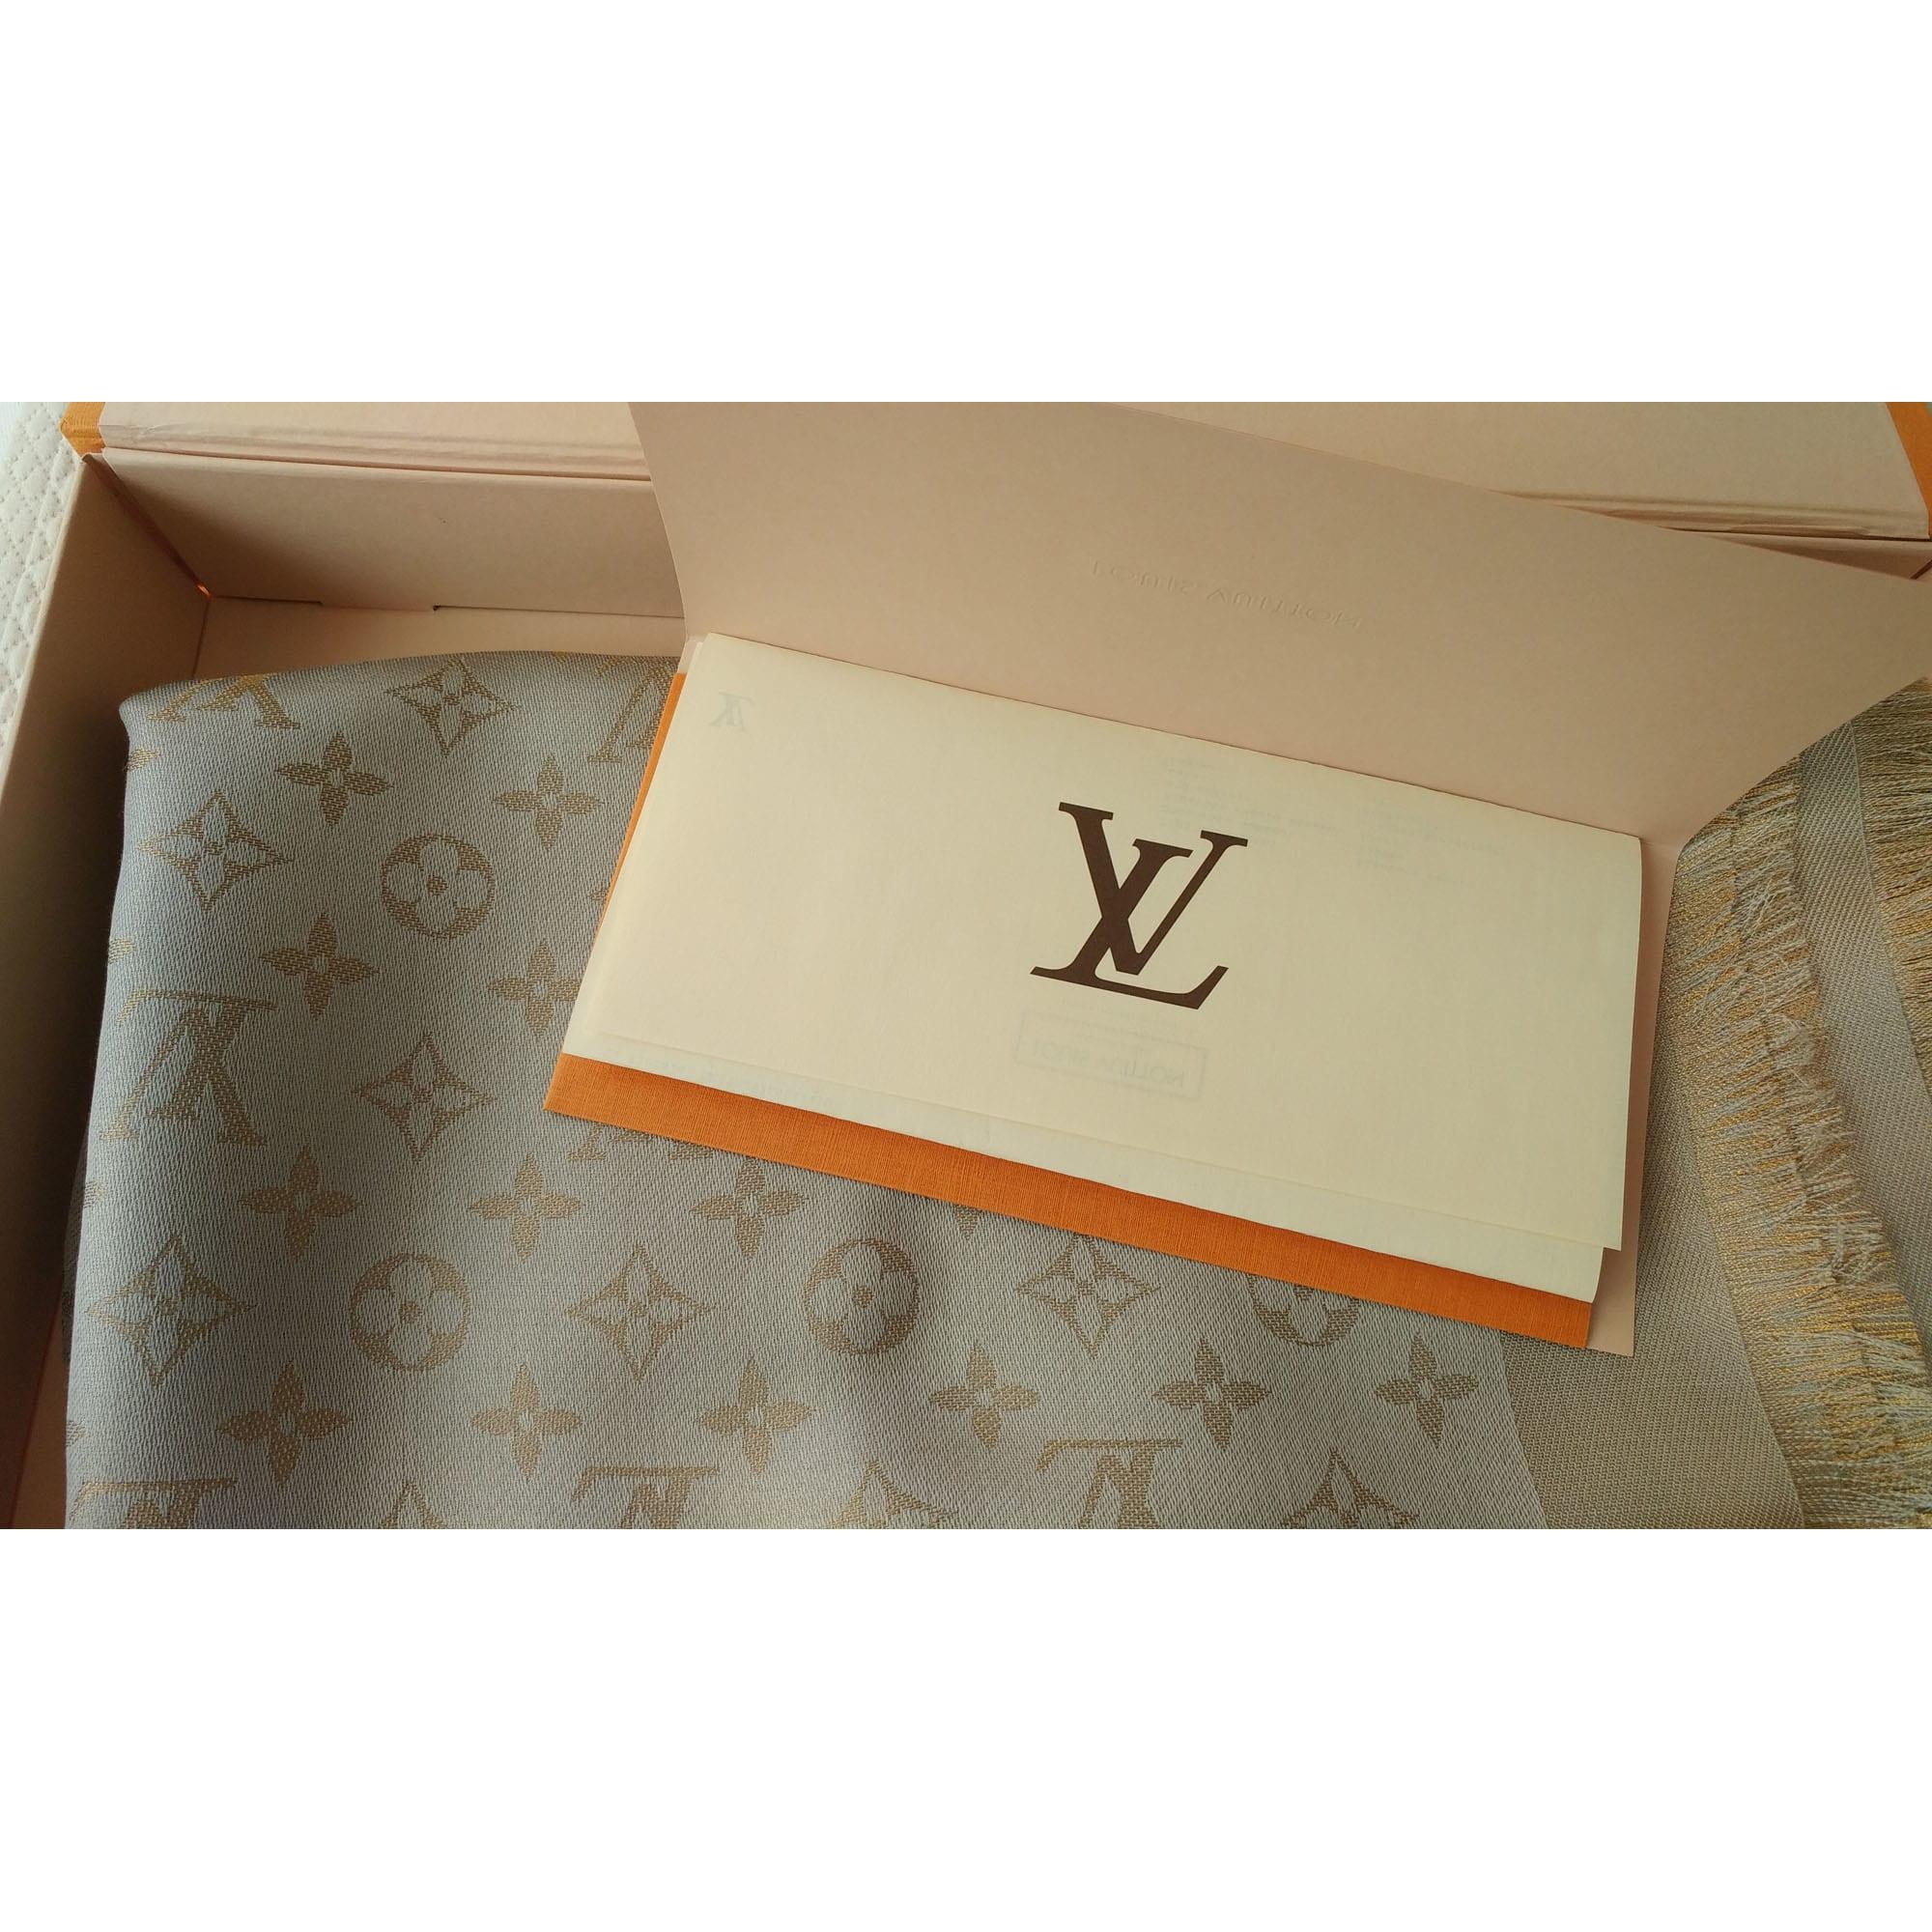 Châle LOUIS VUITTON beige vendu par Luxeluv - 6778338 e1e30e807a0